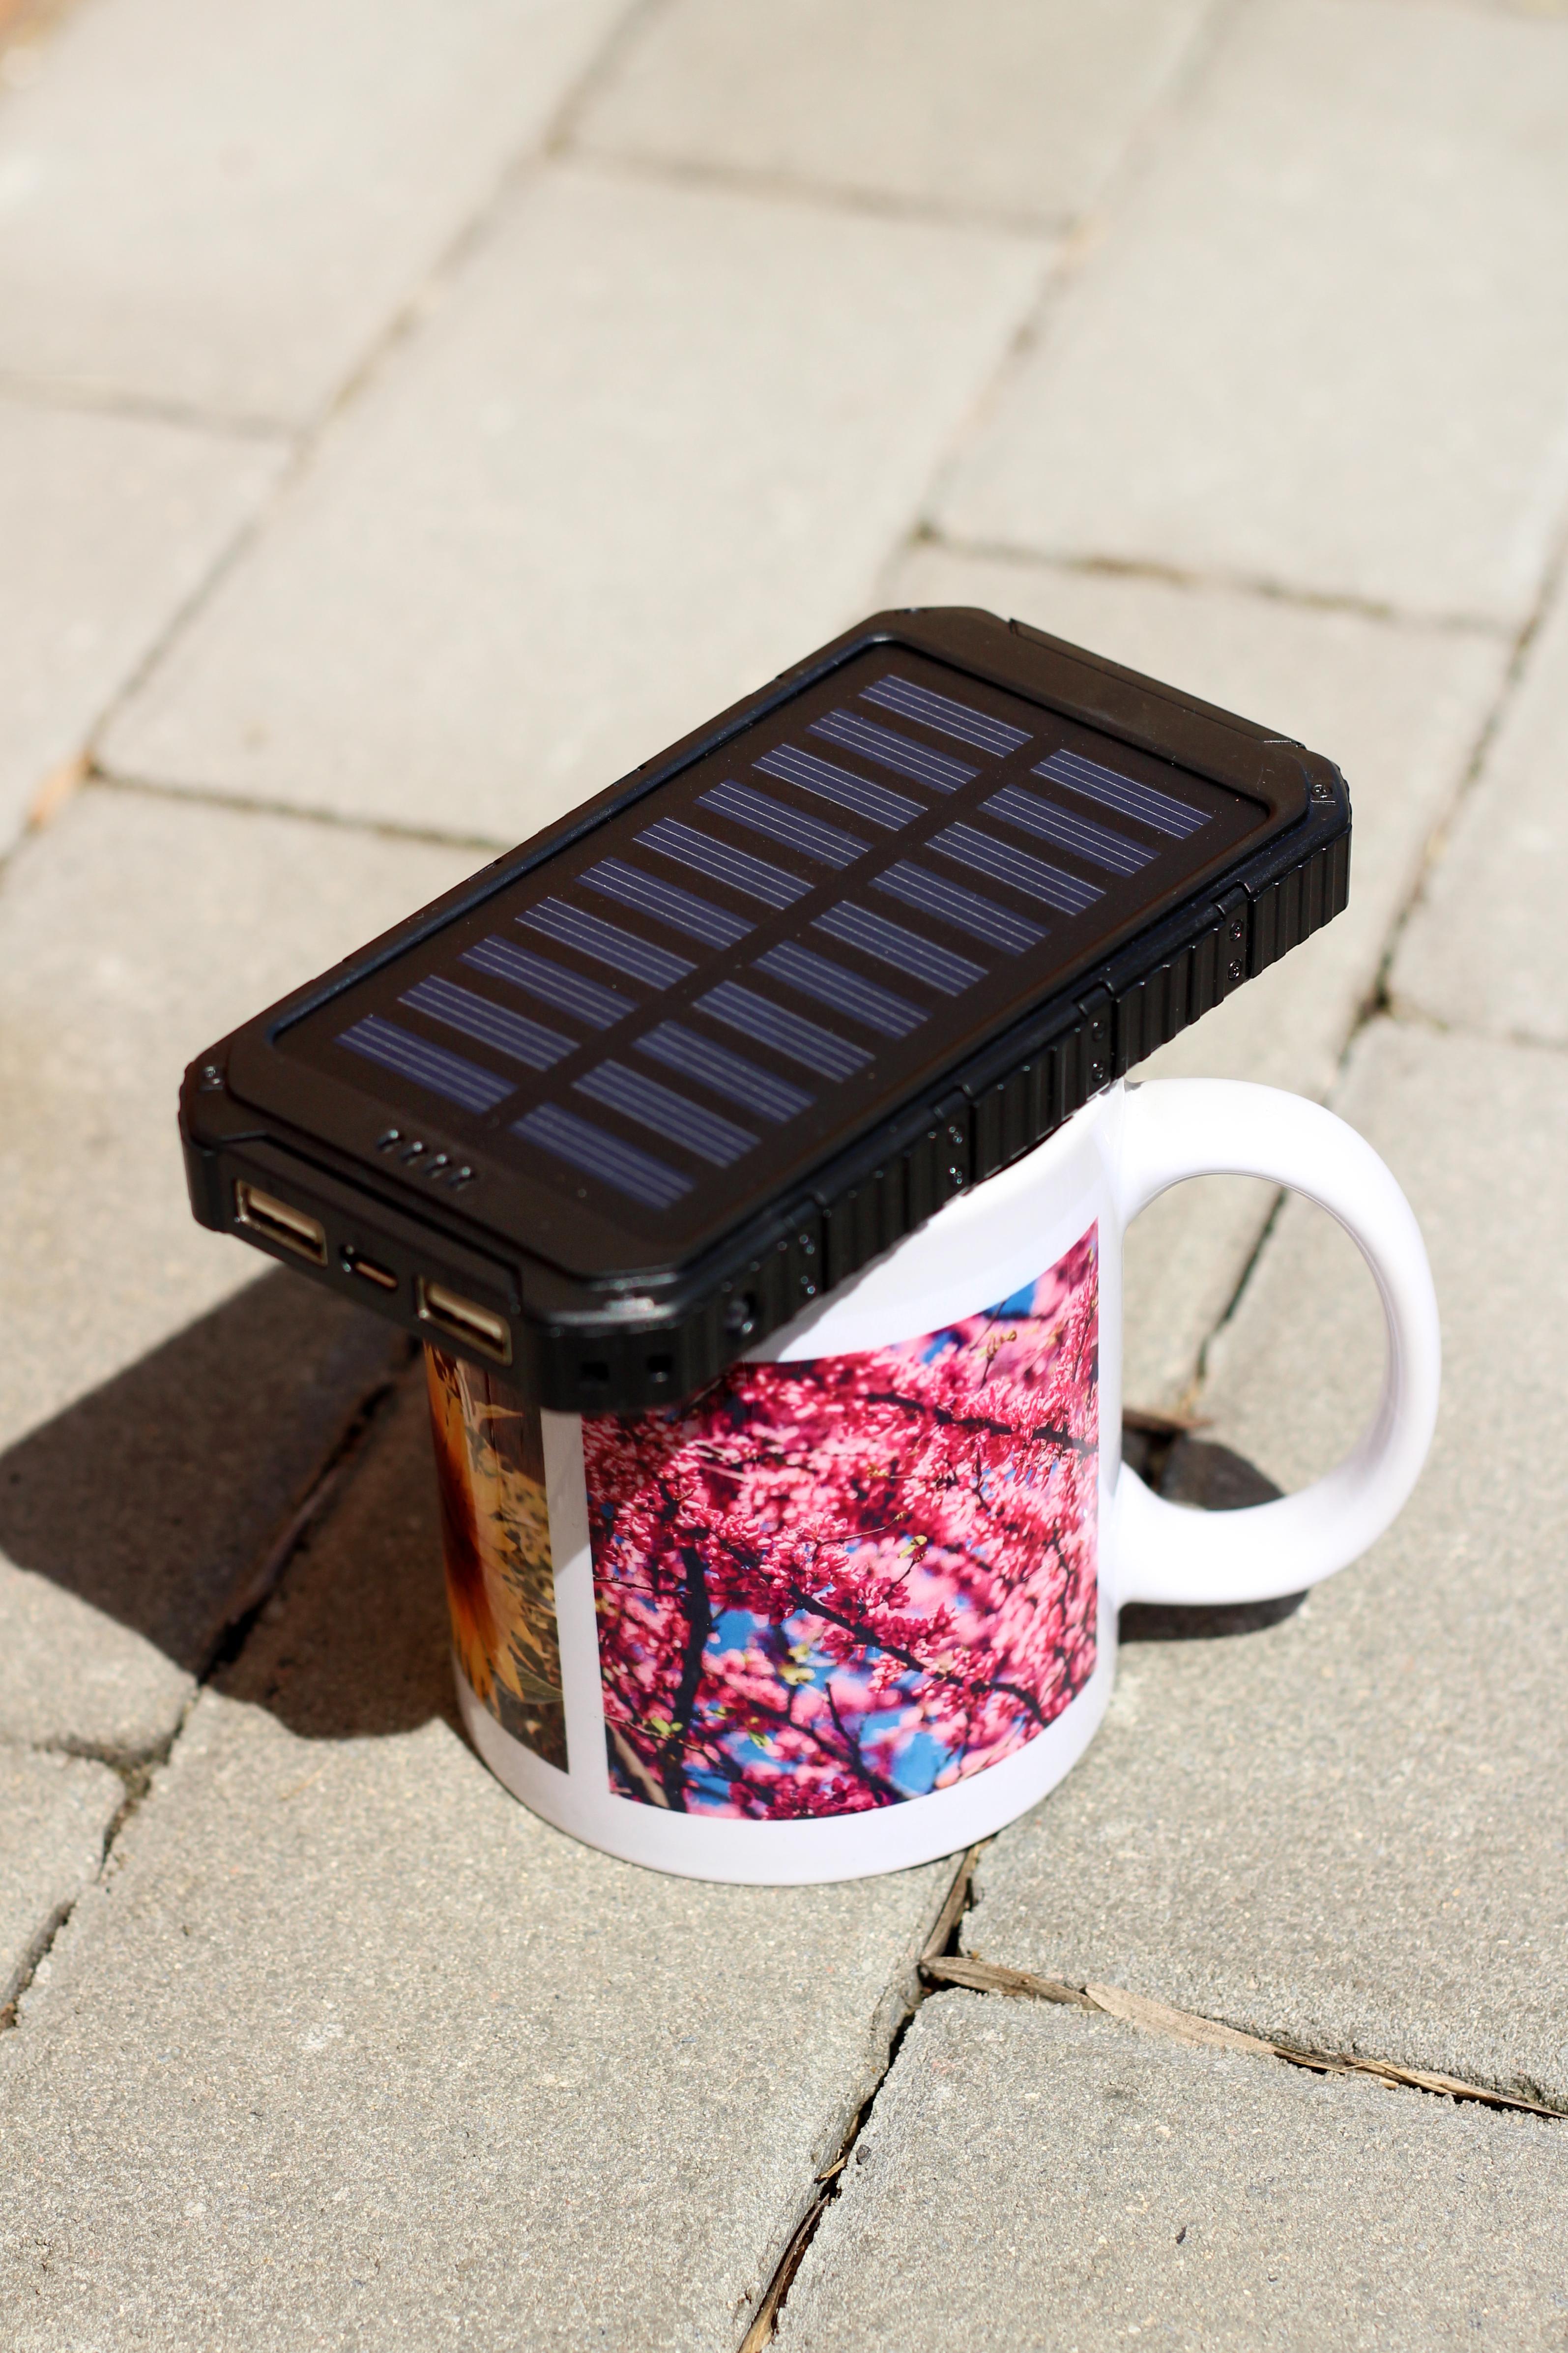 Solarny power bank ładowany przez promienie słoneczne